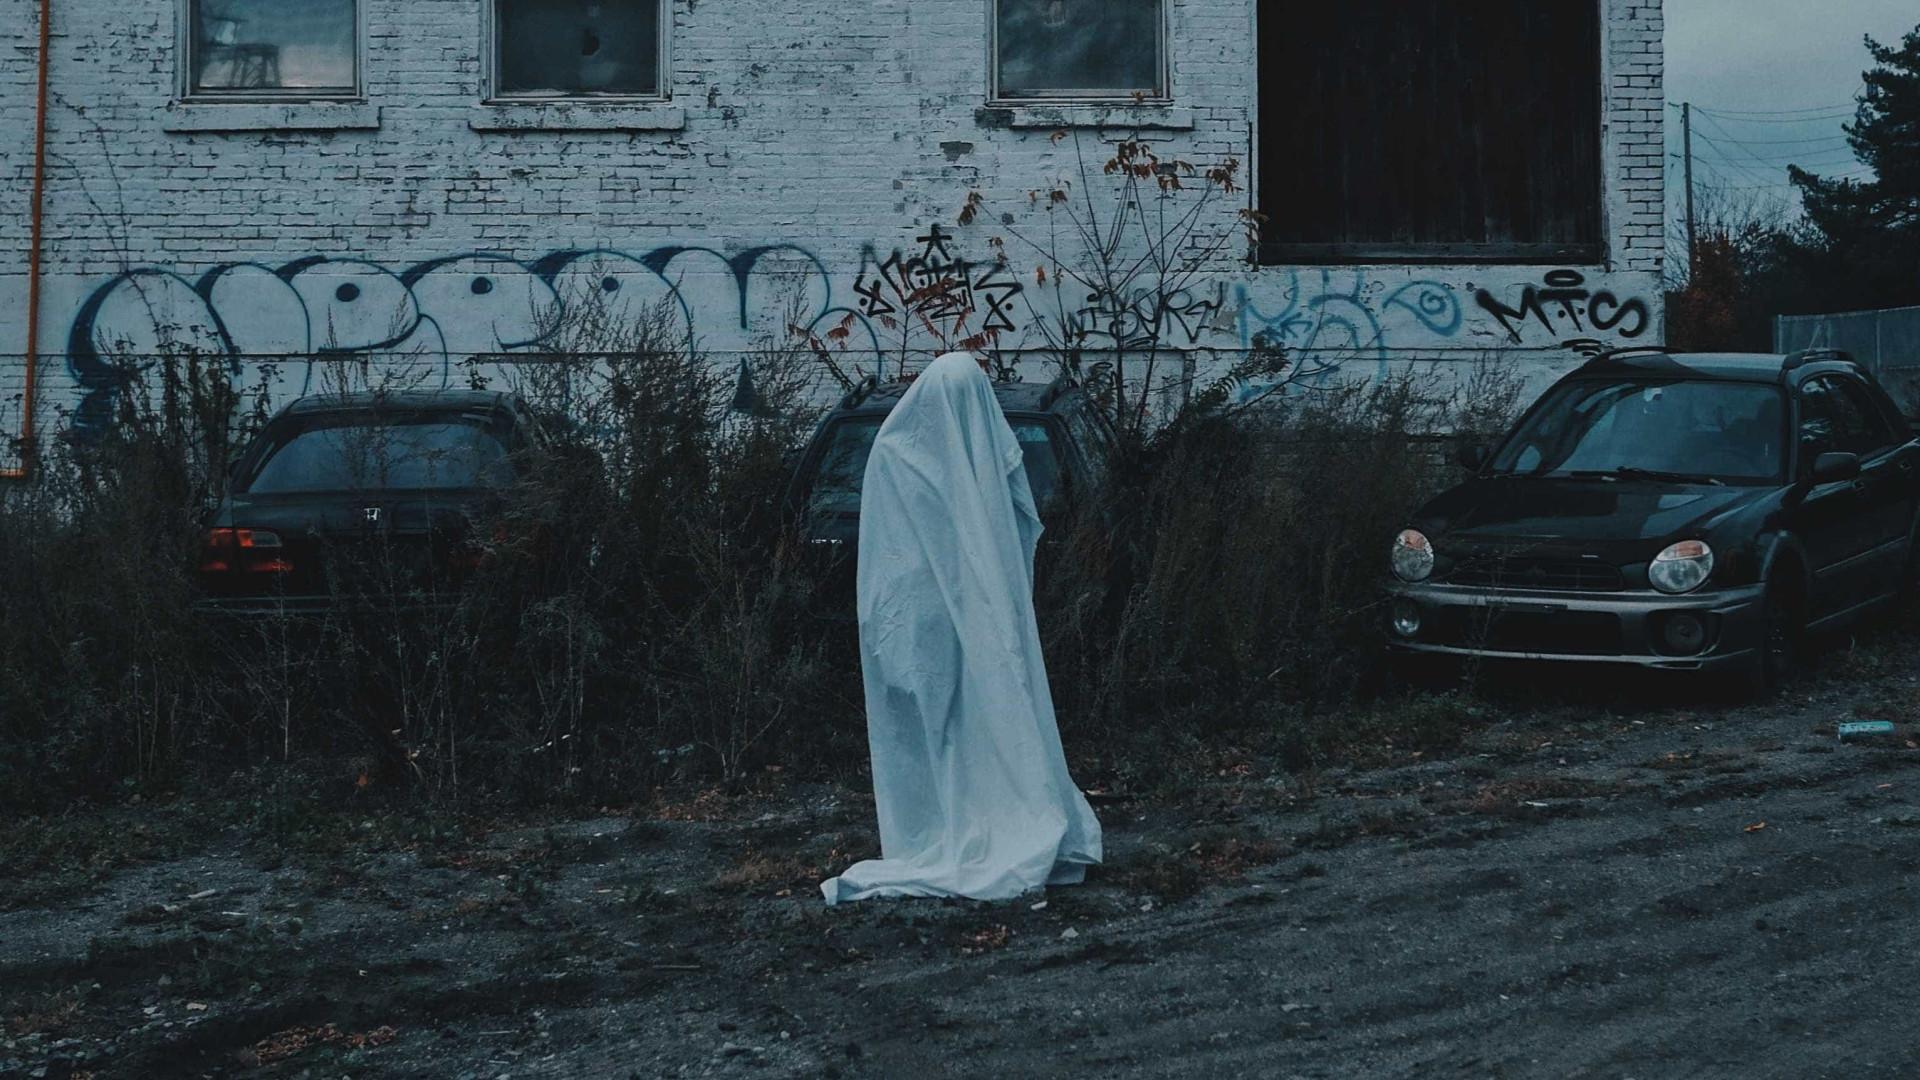 Os pesadelos mais comuns e seus respectivos significados